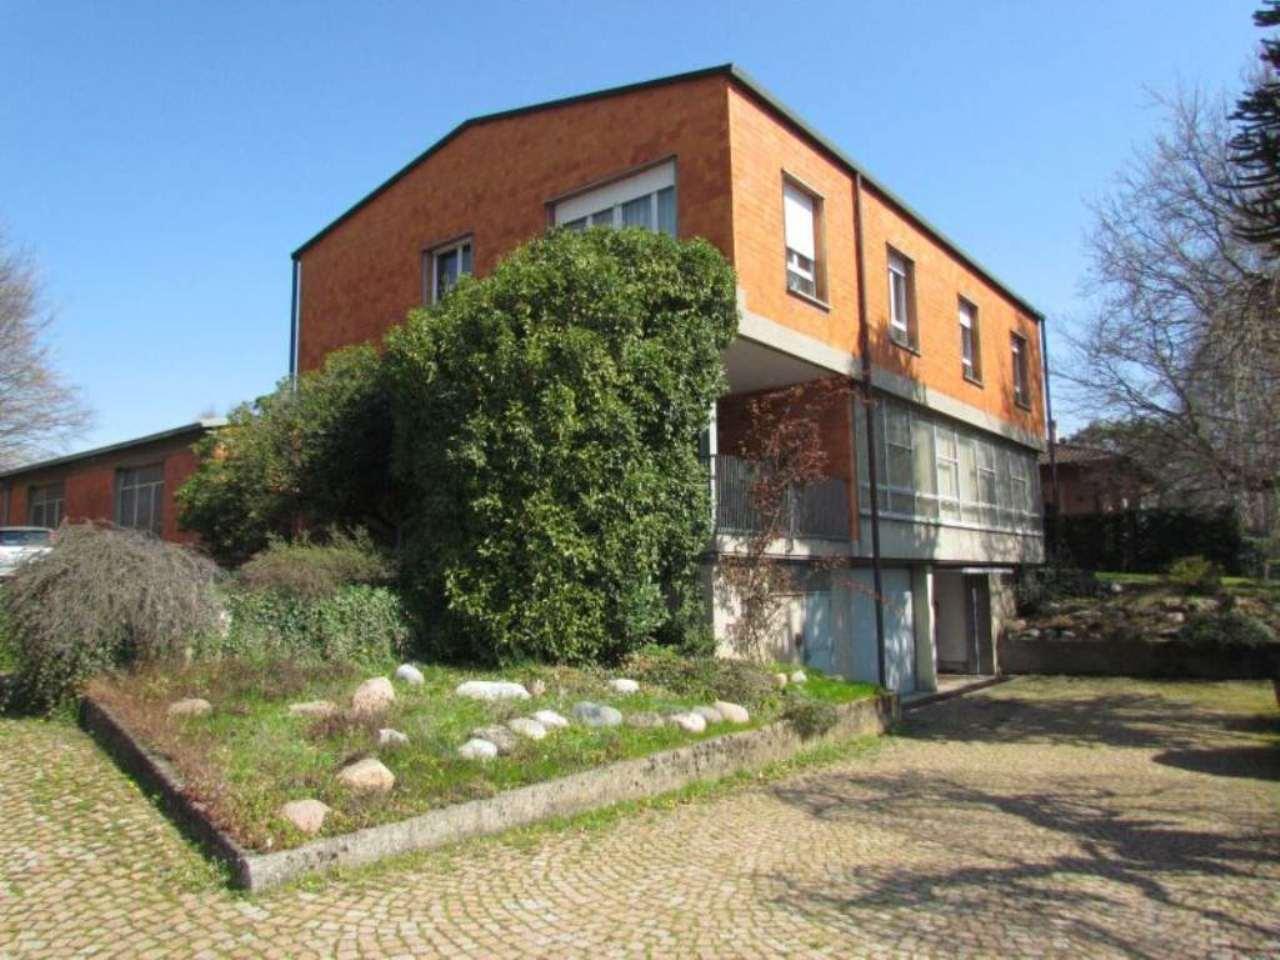 Ufficio / Studio in vendita a Vedano Olona, 8 locali, prezzo € 340.000 | Cambio Casa.it